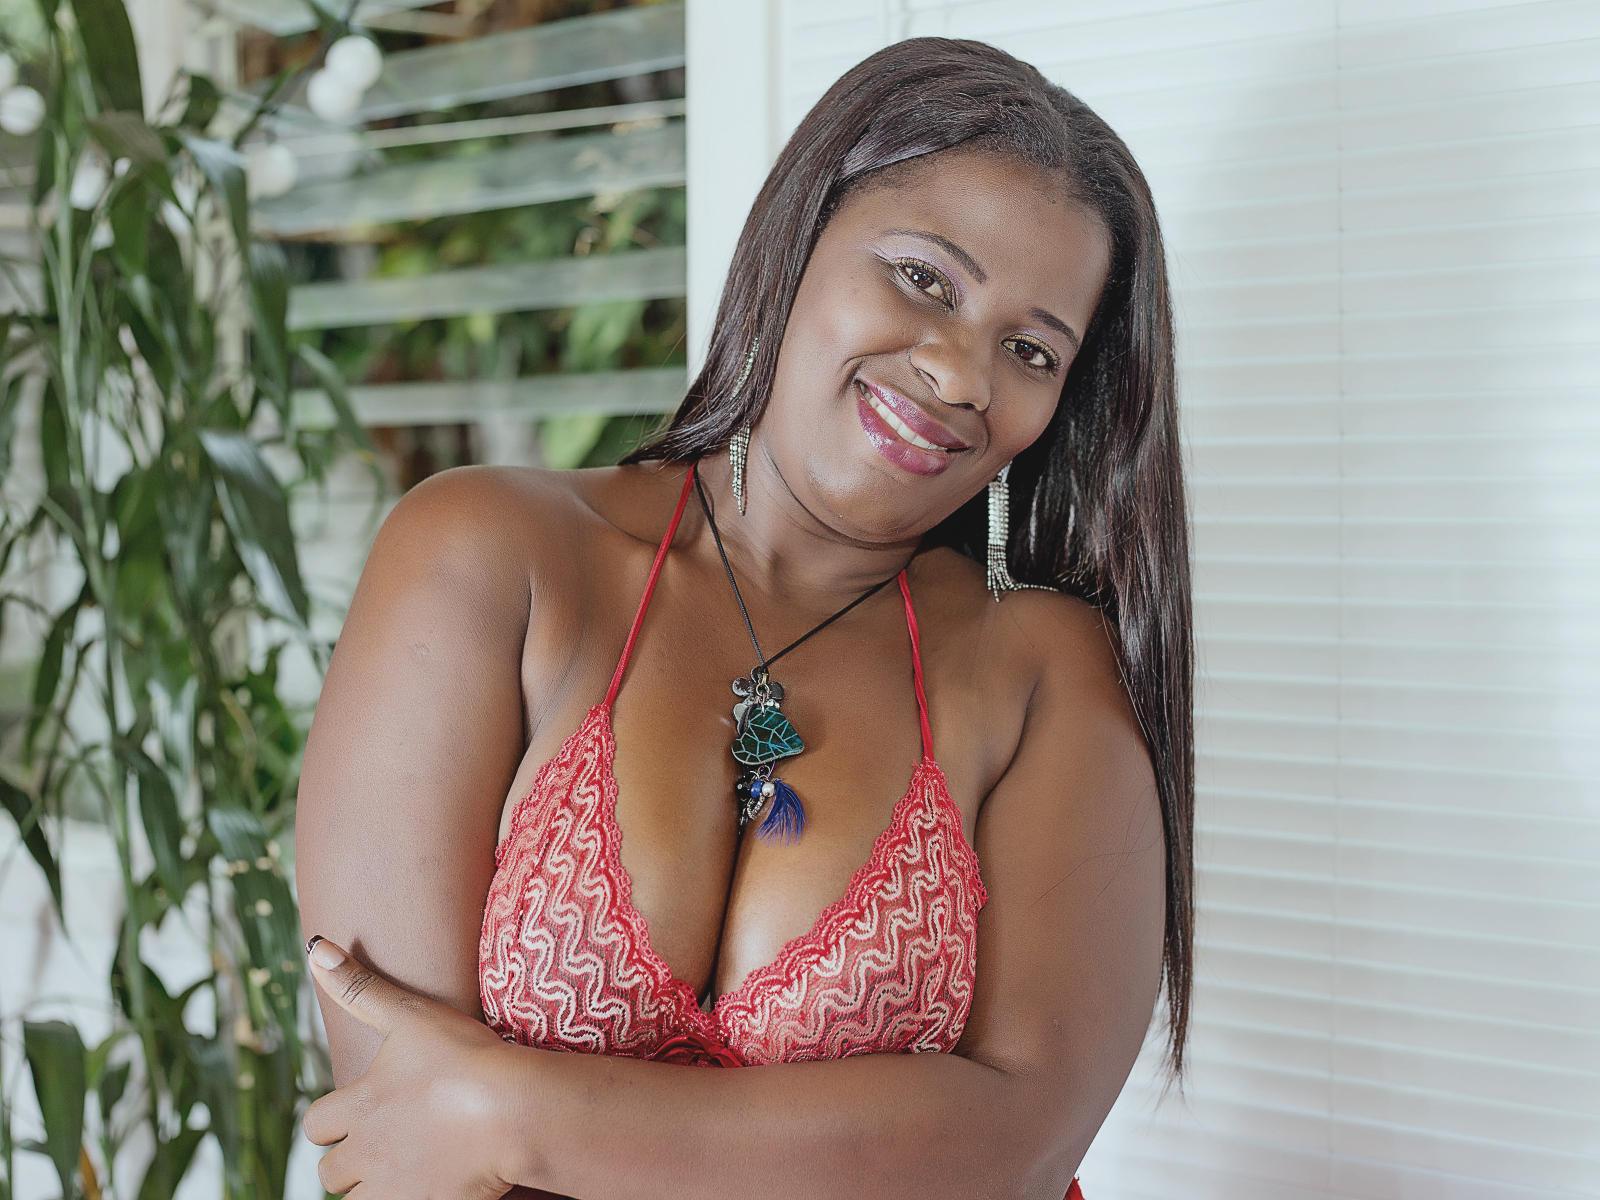 τριχωτό Ebony φωτογραφίες σεξ